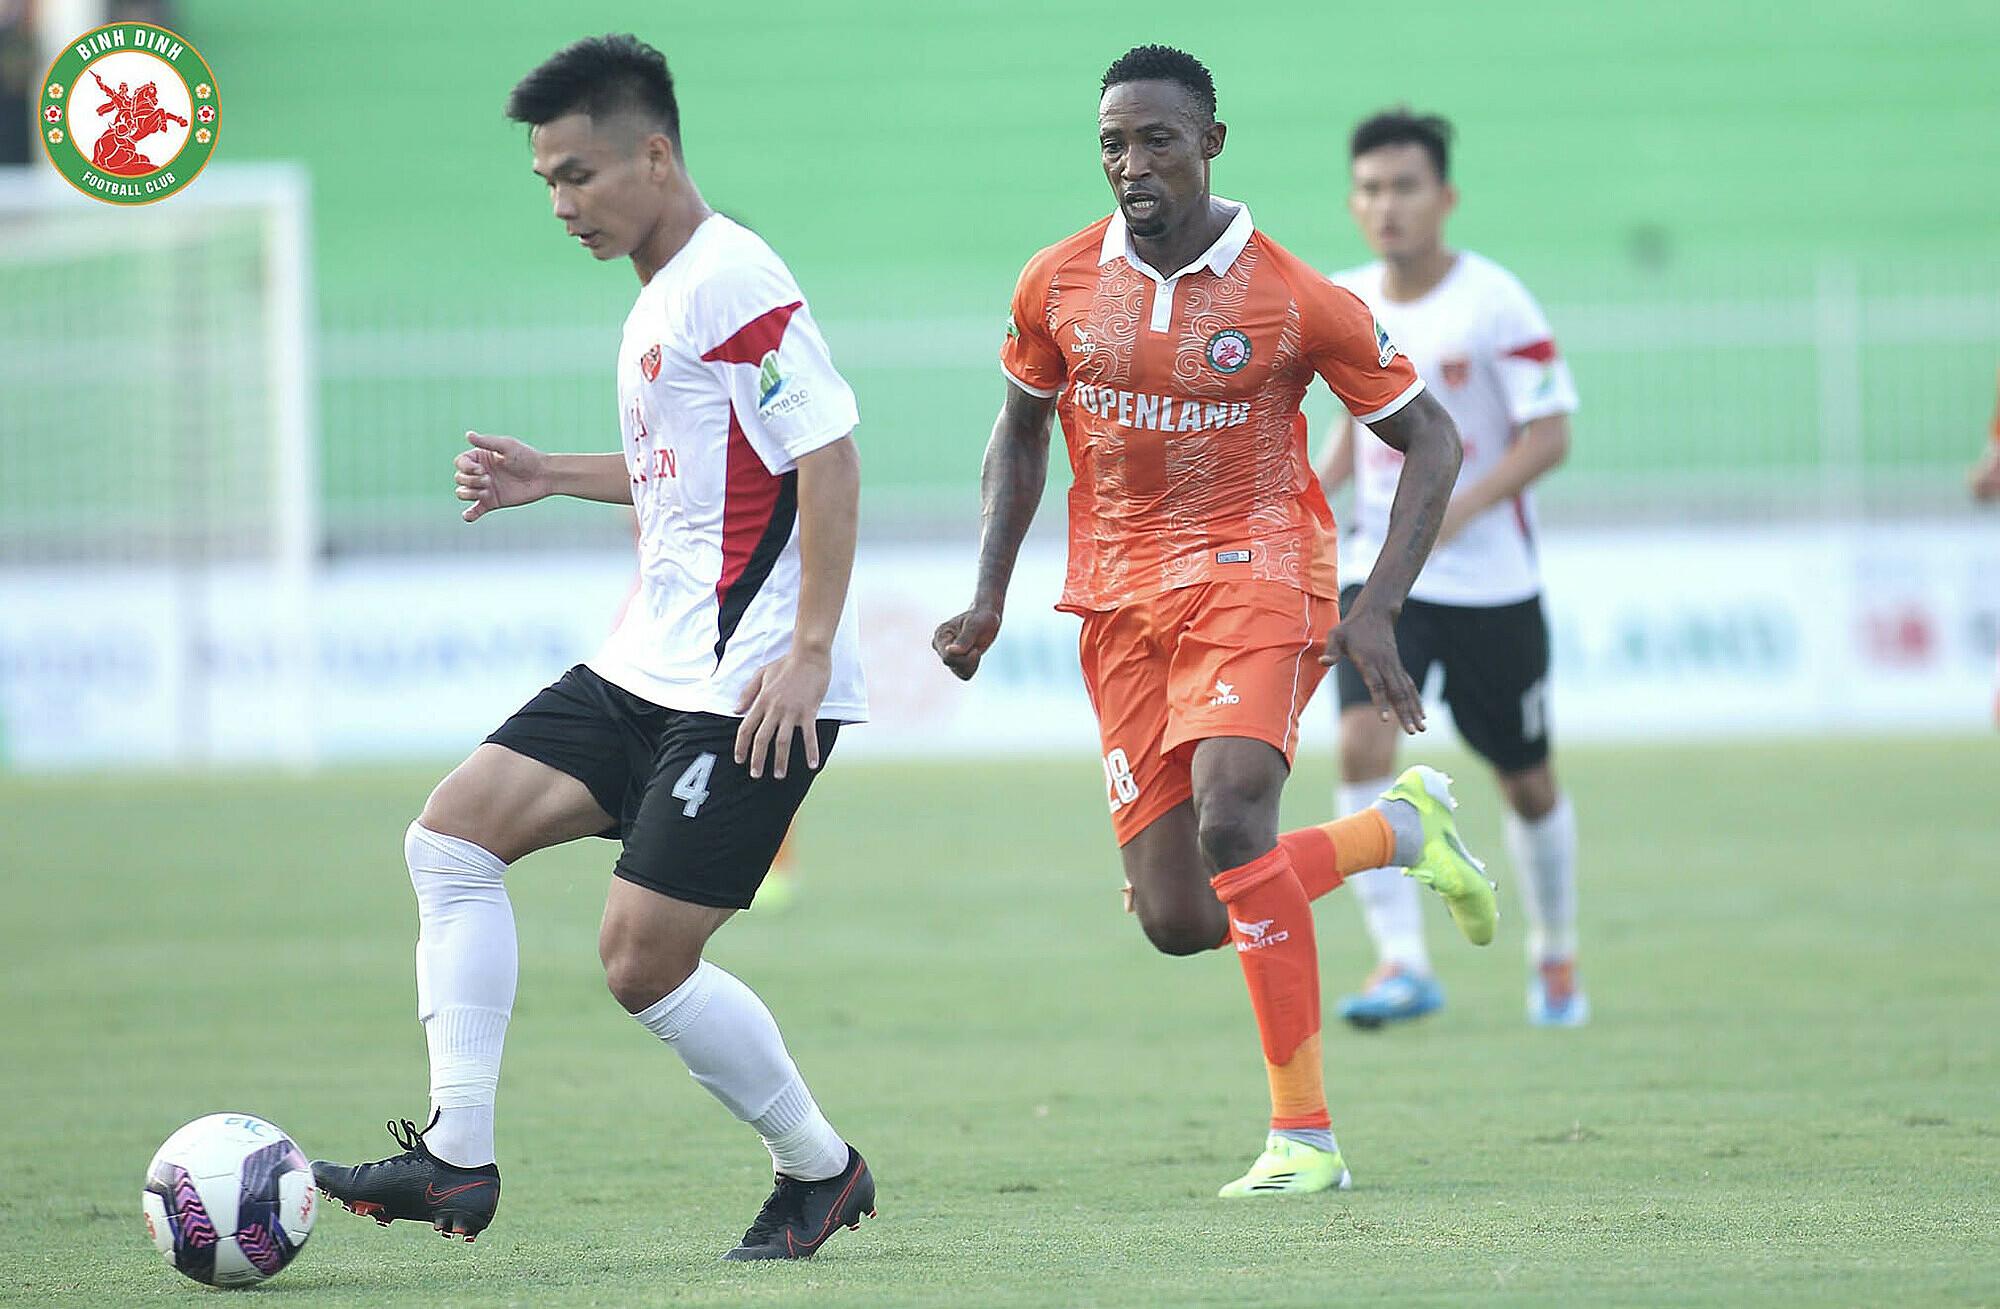 Dinh Hoang Max (28, belakang) bermain mengesankan dalam debutnya tetapi tidak bisa membantu Binh Dinh menang.  Foto: Binh Dinh FC.